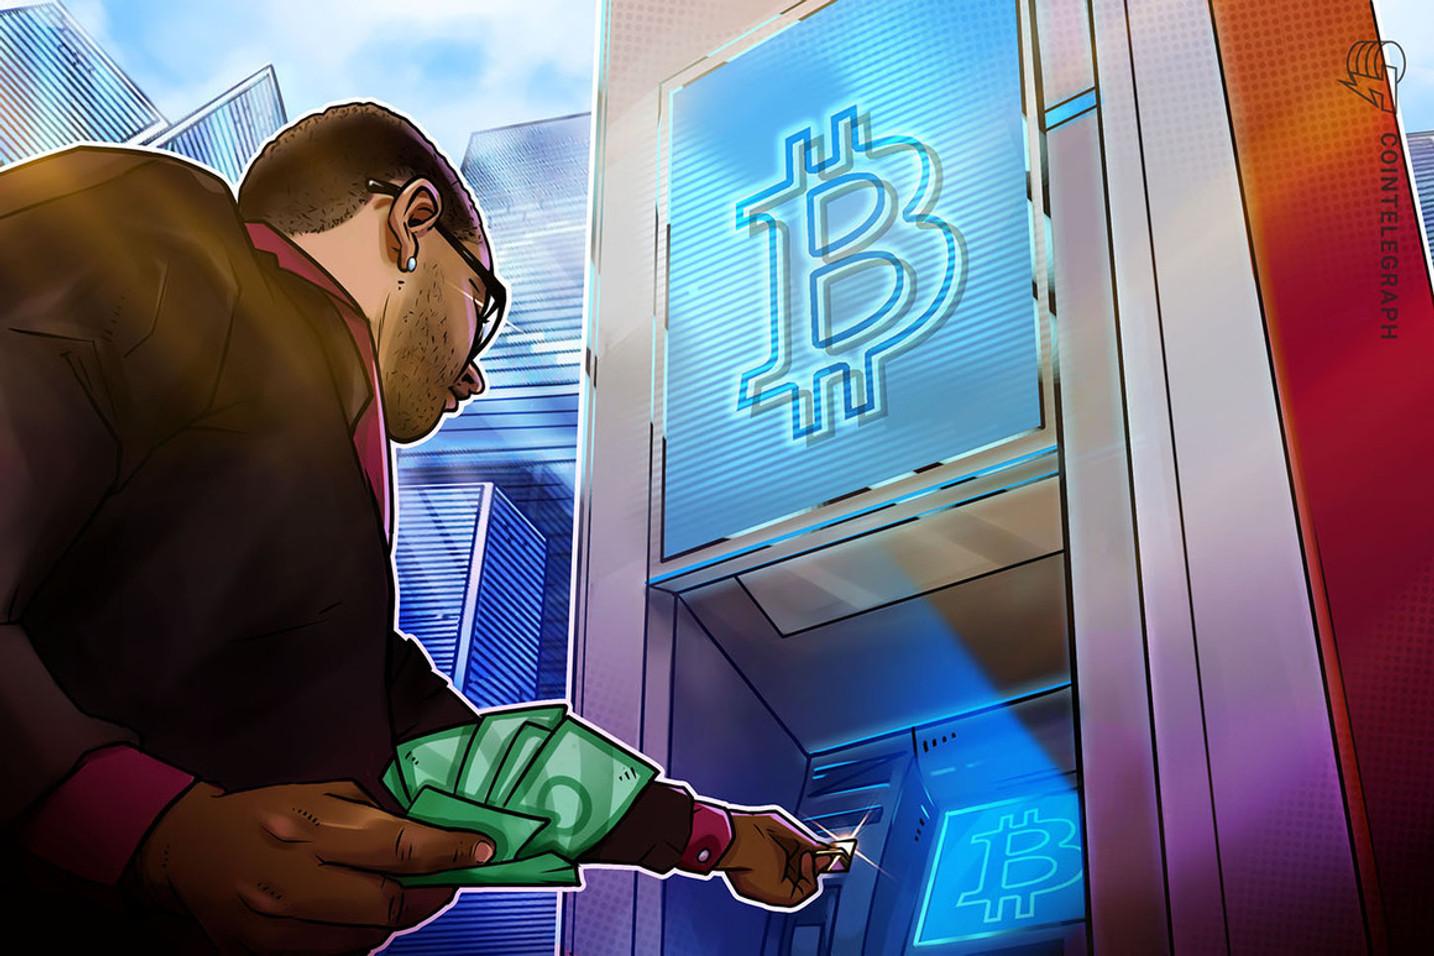 Bitbase instala más cajeros de criptomonedas en España y apunta a expandirse por otros países europeos